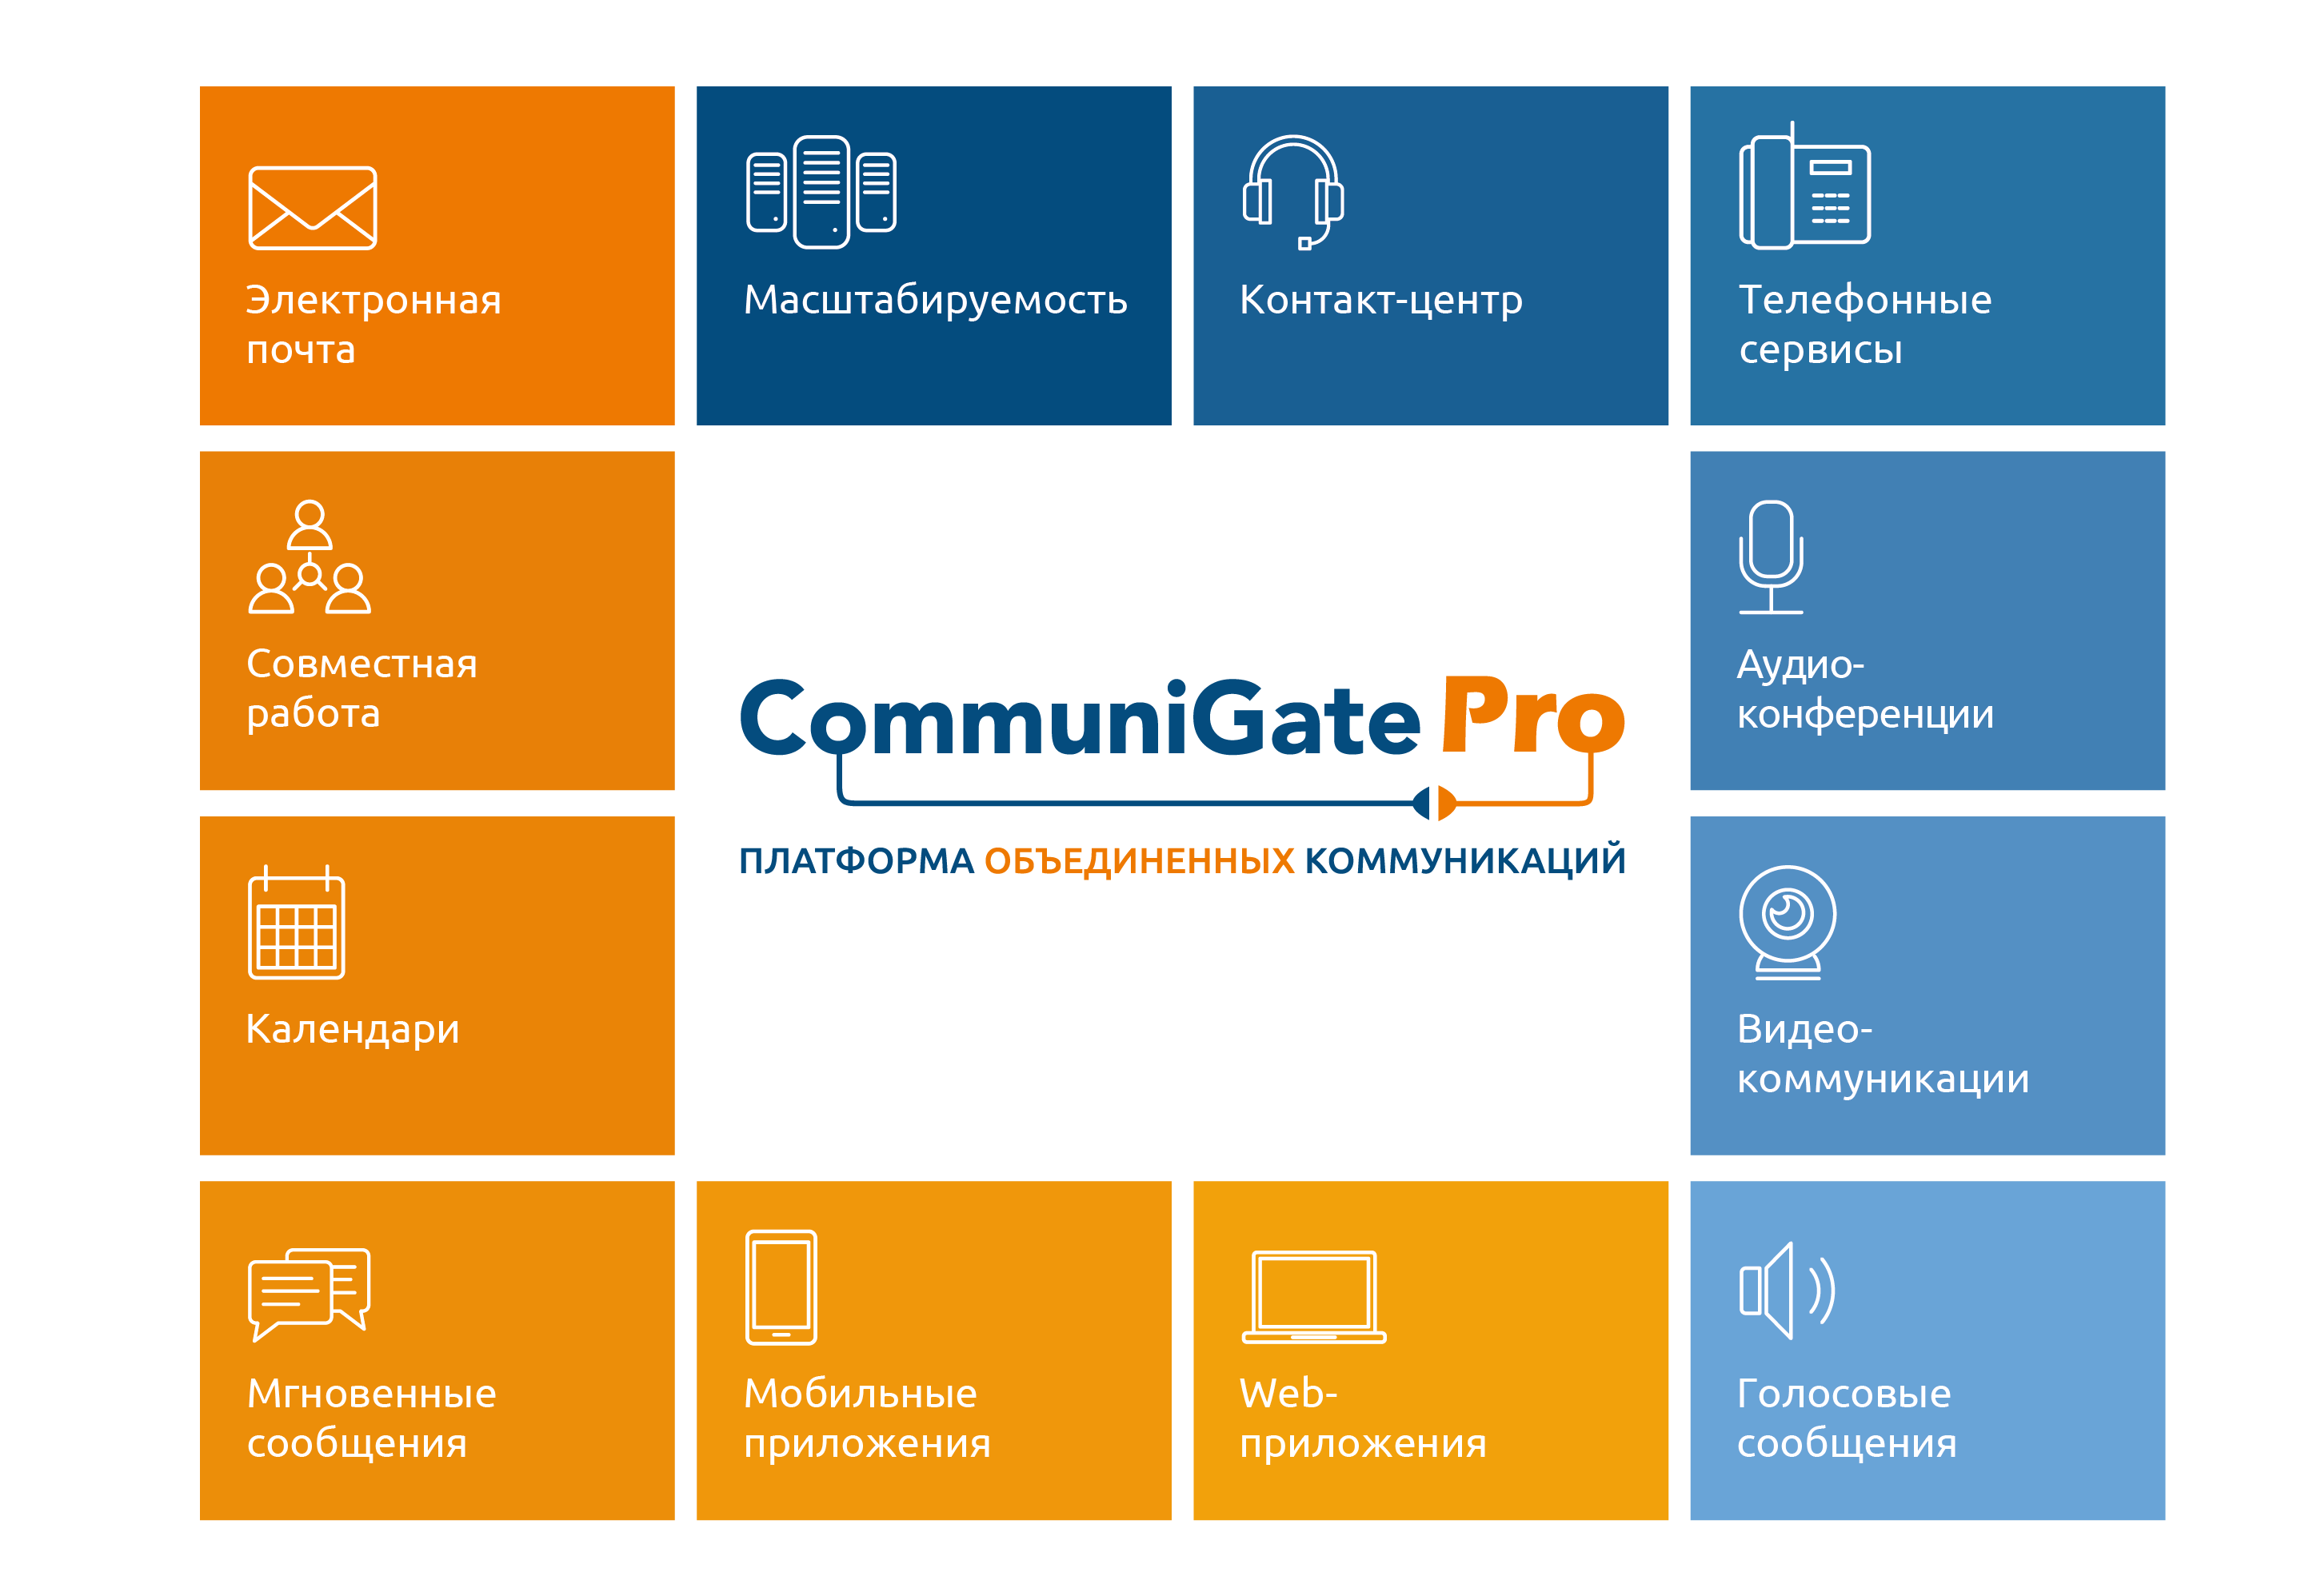 Мультипротокольный коммуникационный сервер CommuniGatePro